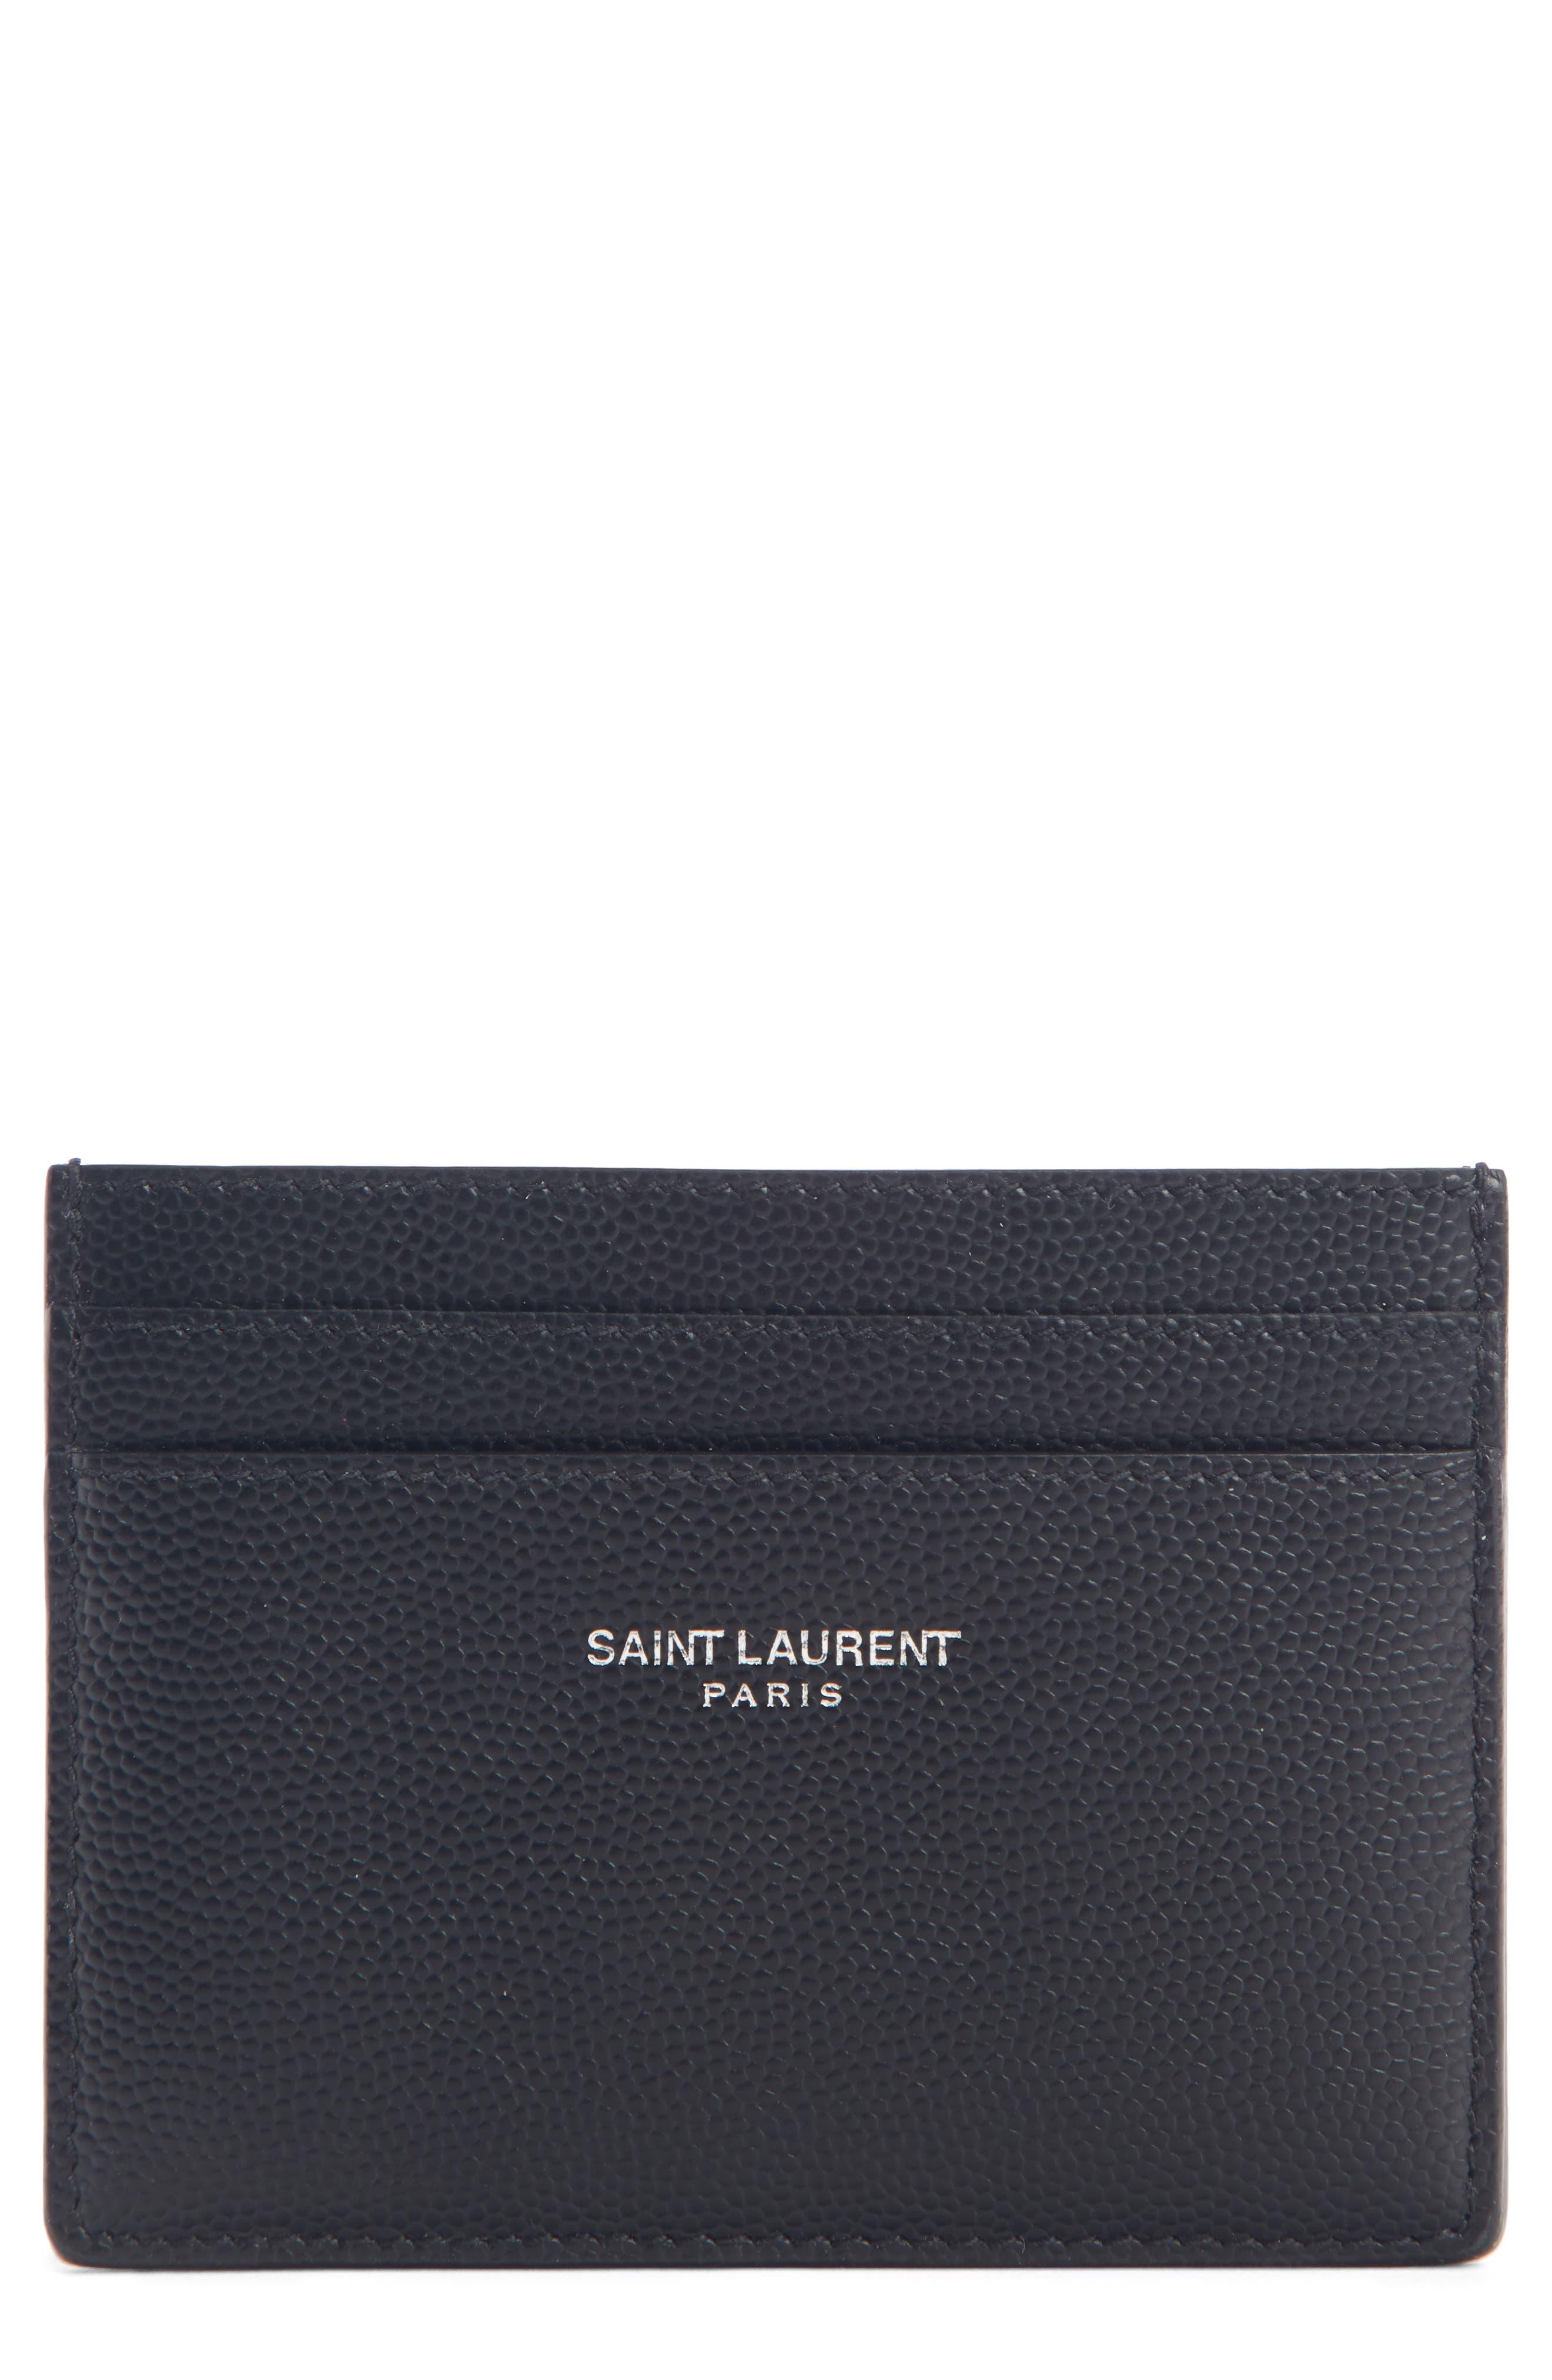 ab2997c4dd7 ysl card case | Nordstrom